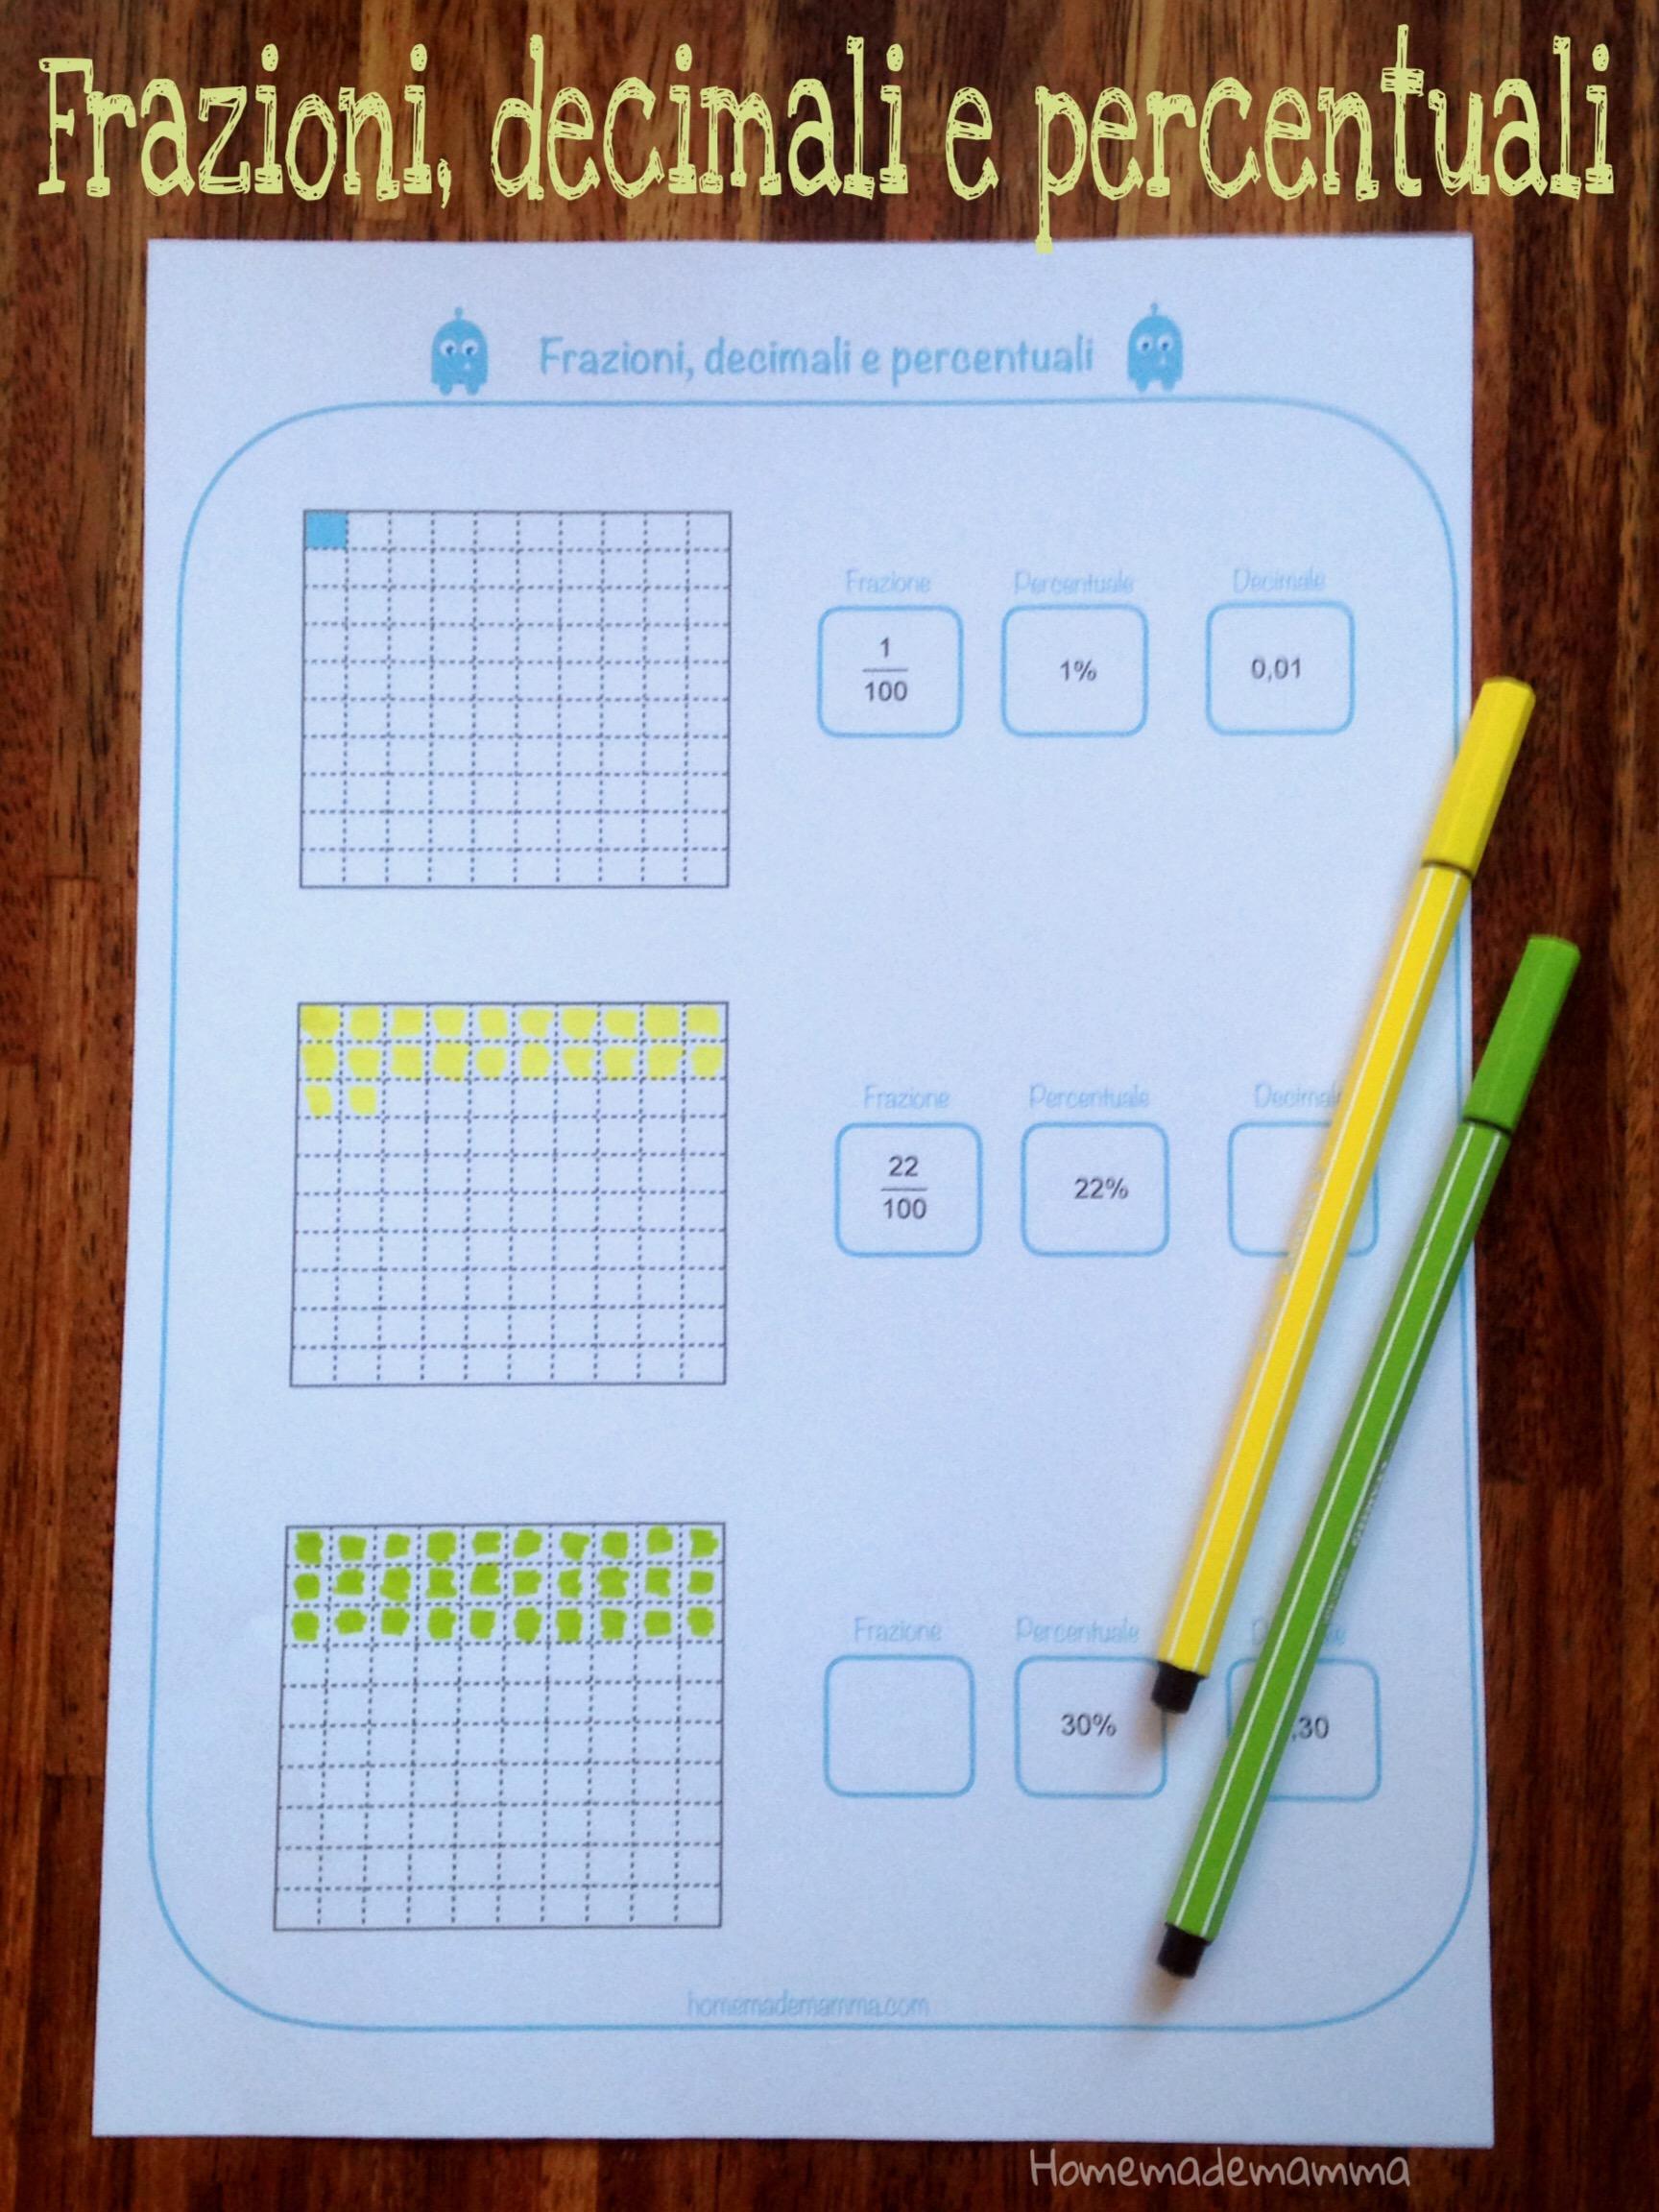 schede frazioni decimali e percentuali scuola primaria